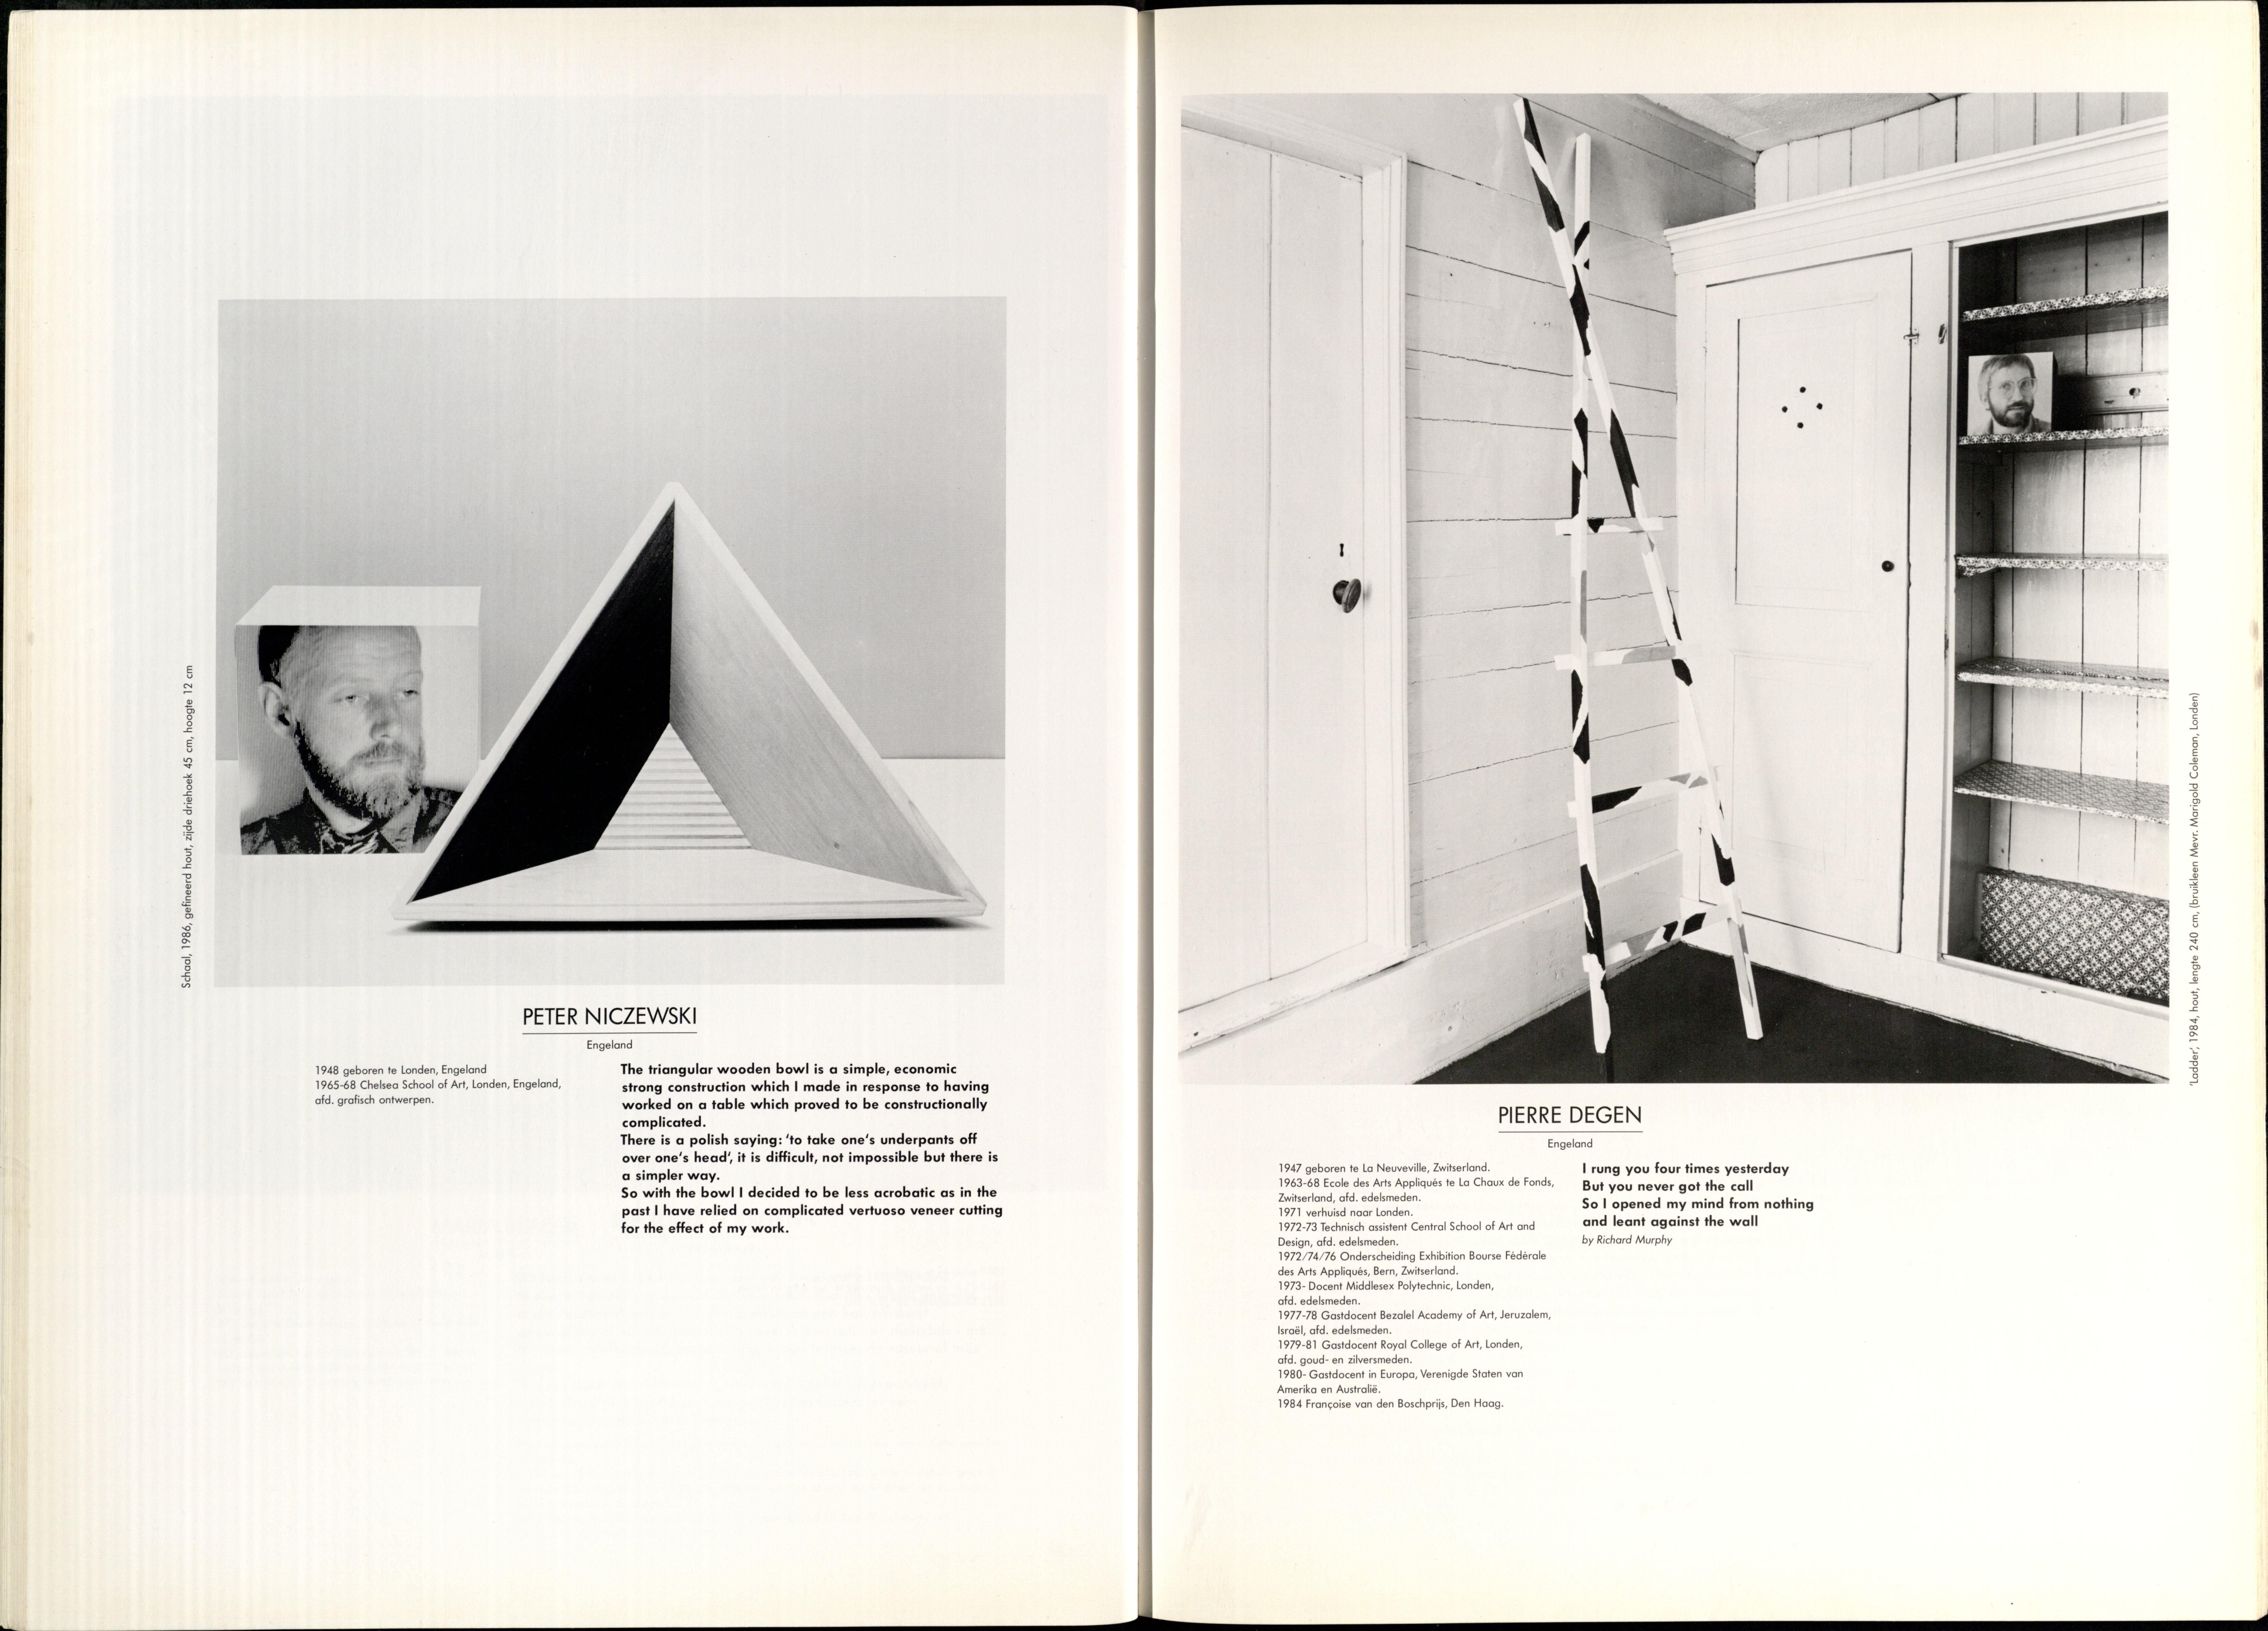 10 Jaar Ra, bladzijde 32 en 33, Peter Niczewski en Pierre Degen, 1986, foto's Anna Beeke, portret, drukwerk, papier,